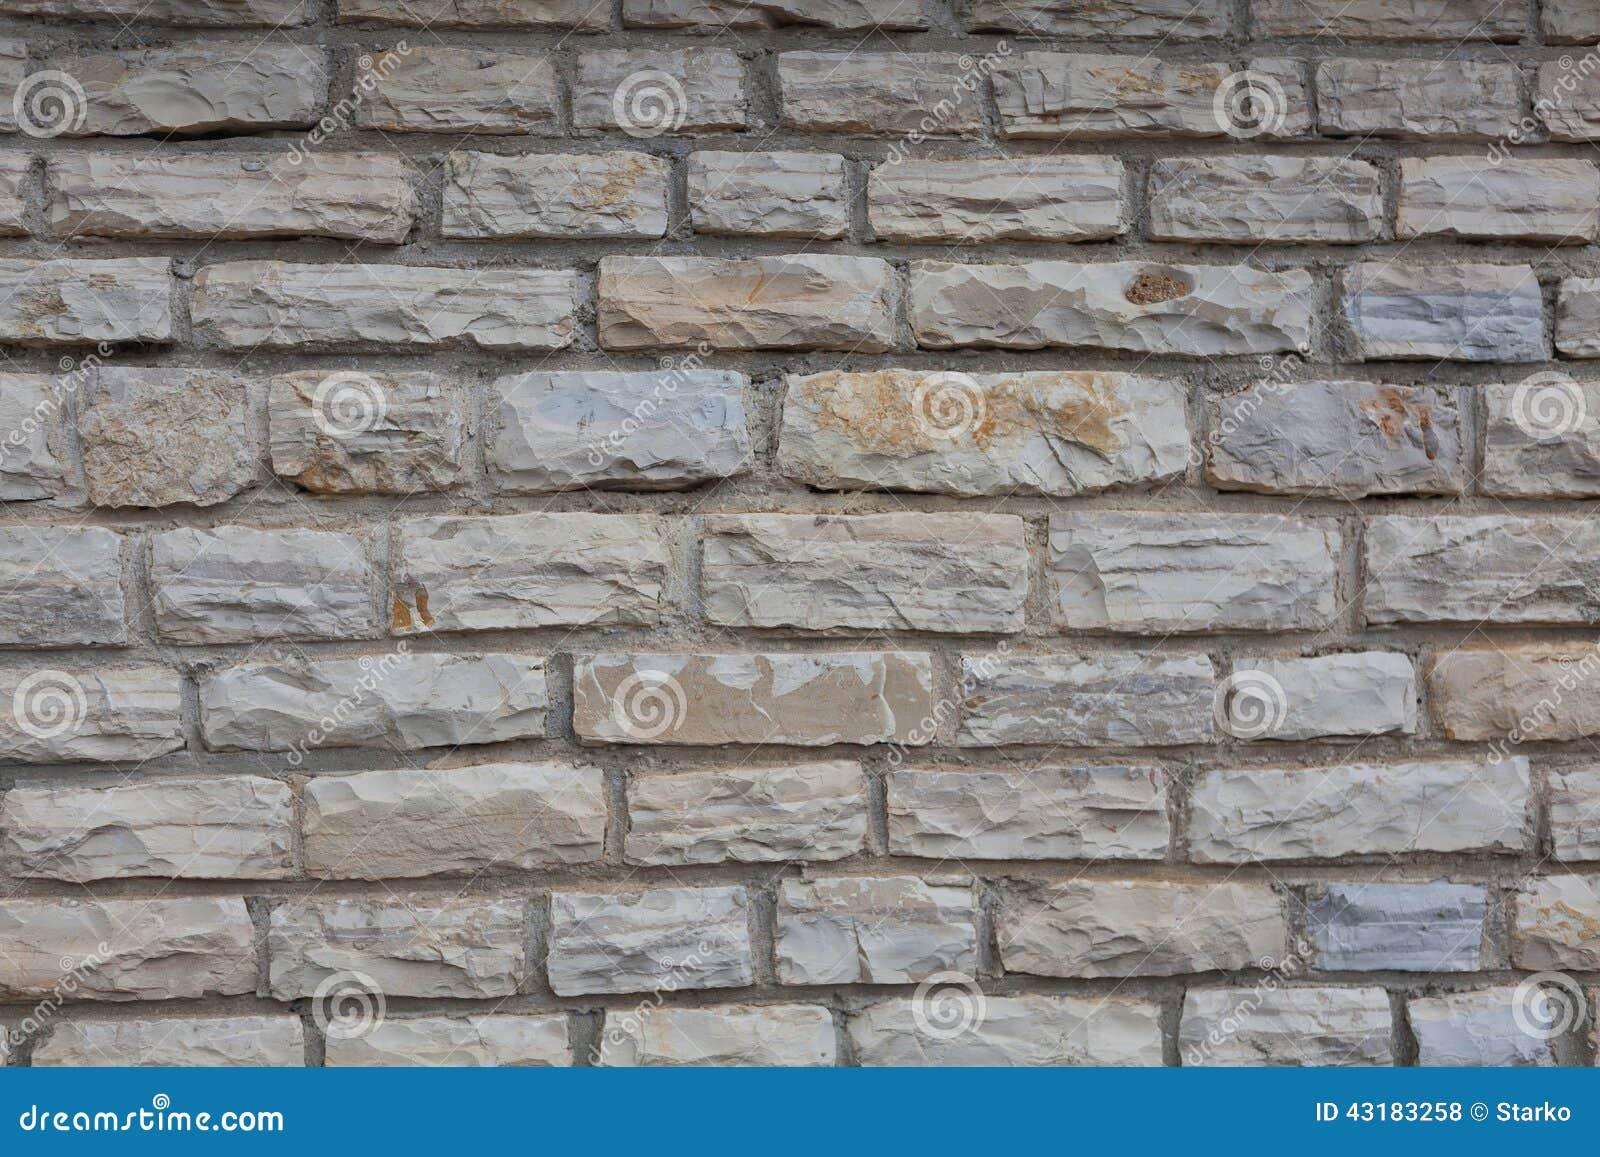 Pared de la piedra natural cortada foto de archivo imagen 43183258 - Pared de piedra natural ...